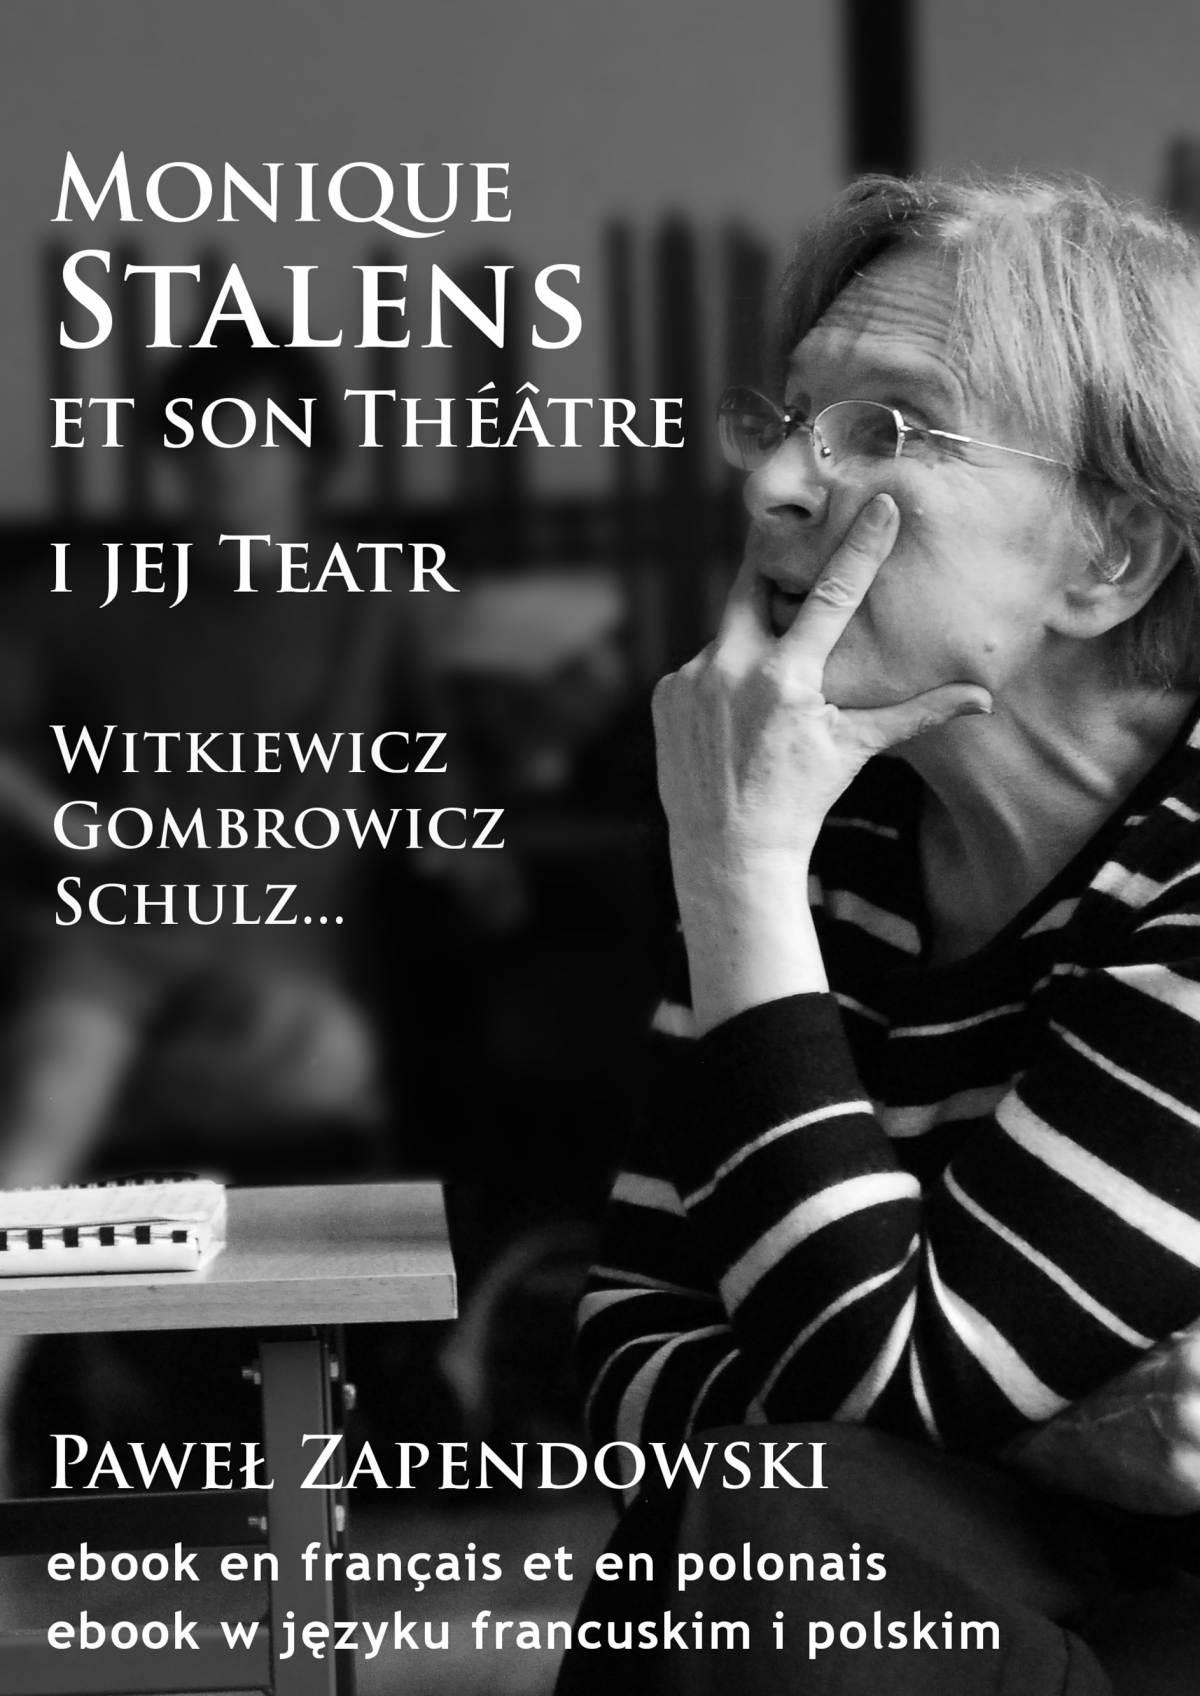 Monique Stalens et son Théâtre. Witkiewicz, Gombrowicz, Schulz... - Ebook (Książka na Kindle) do pobrania w formacie MOBI